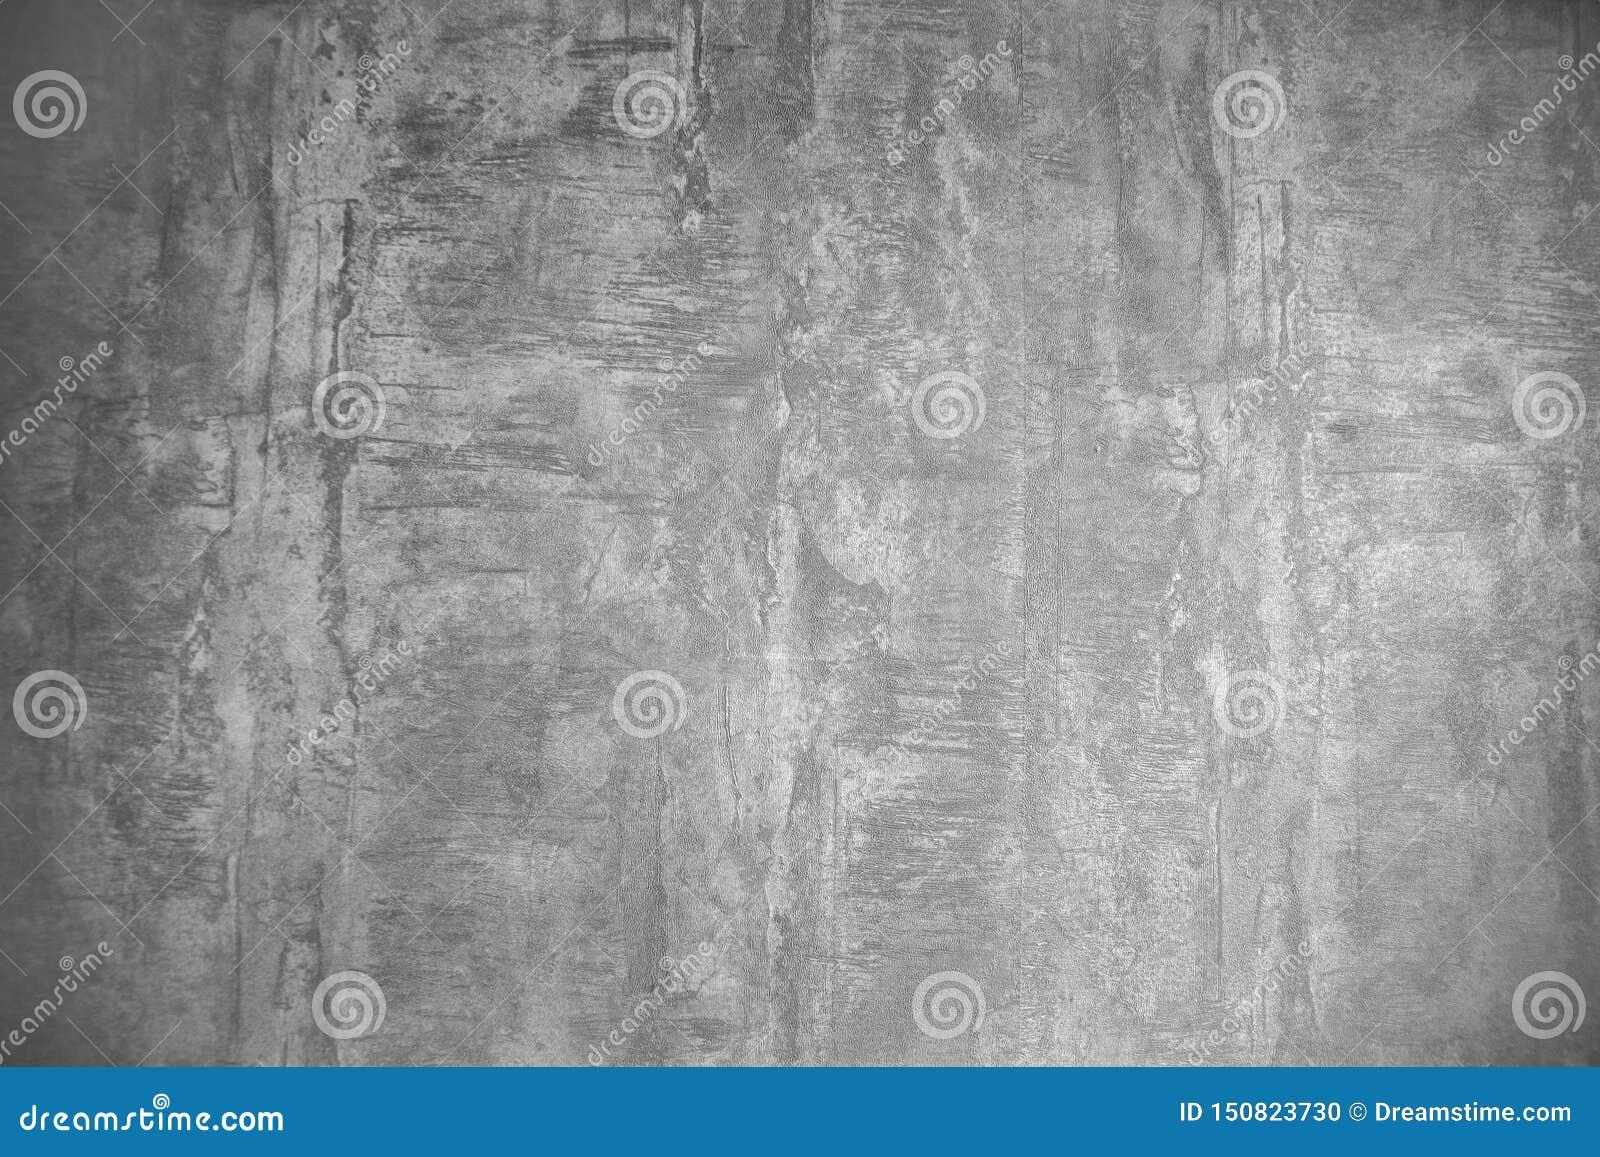 Предпосылка текстуры обоев Grunge серая, дизайн интерьера